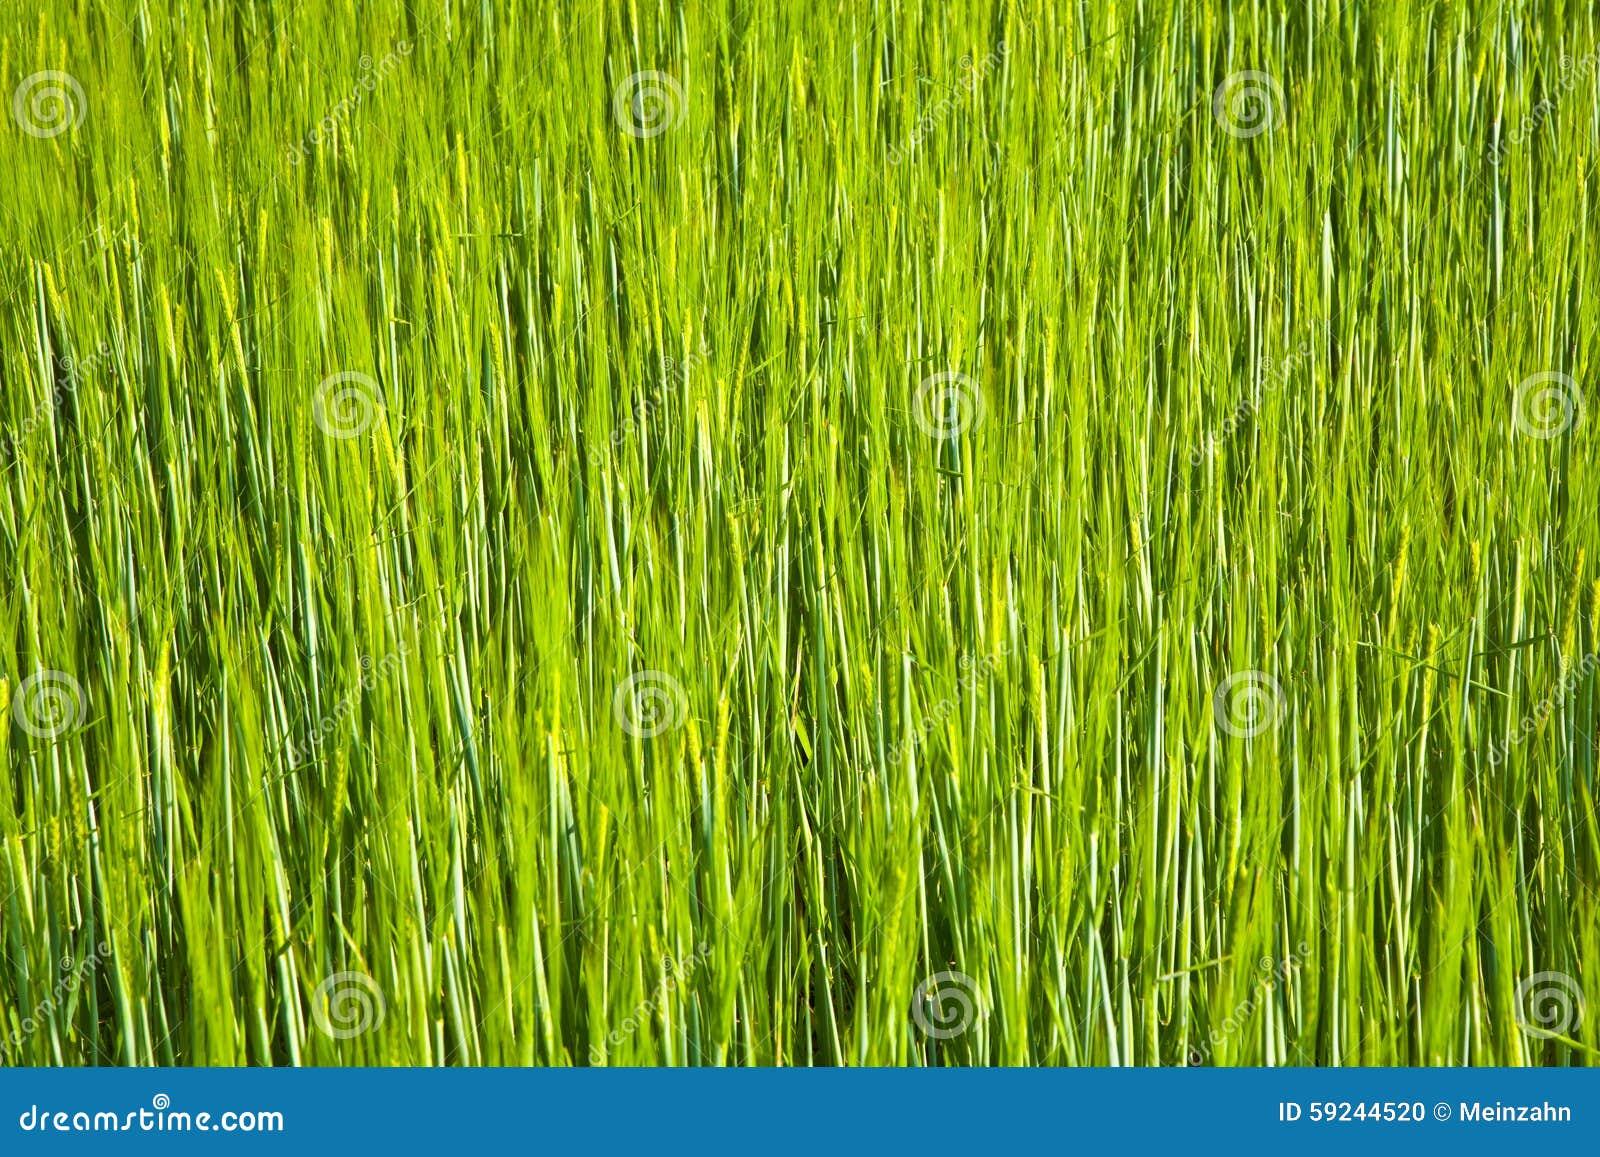 Spicka del maíz